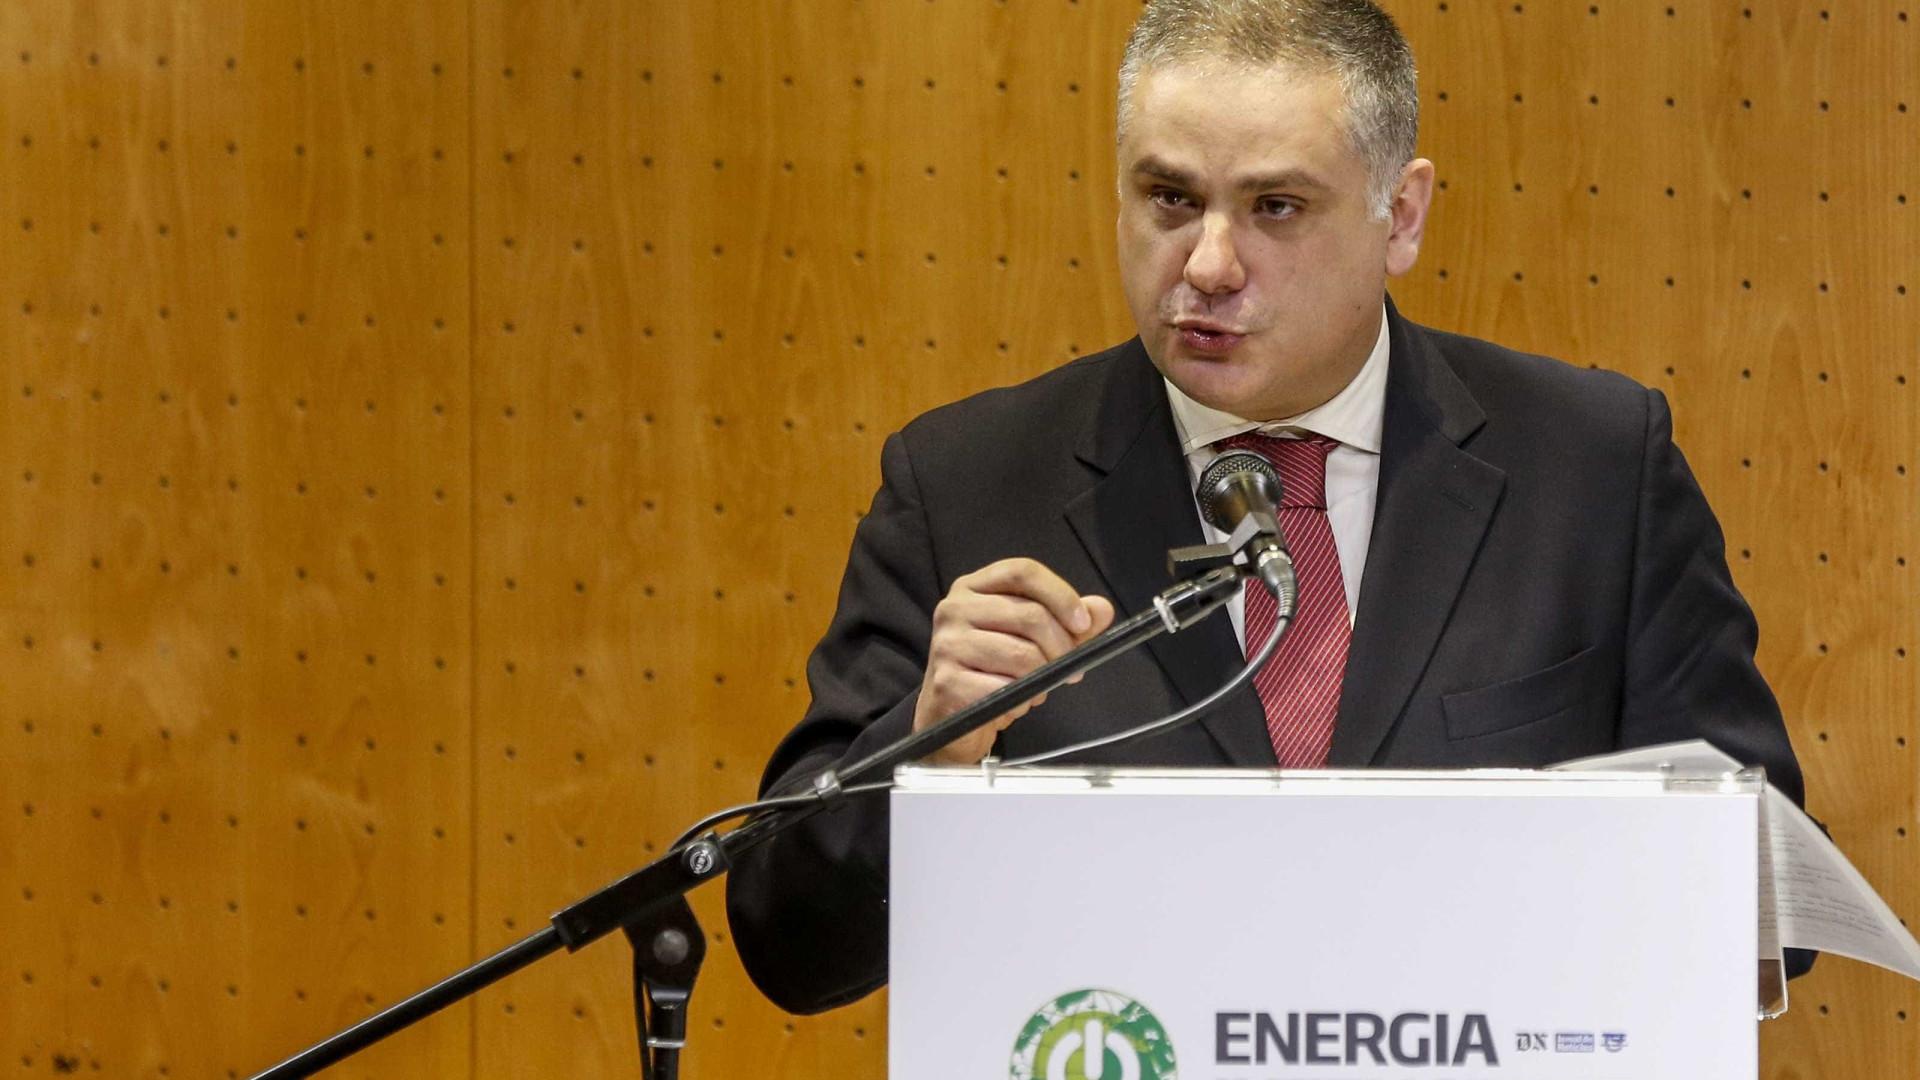 Suspensão de impostos em Espanha leva a rever sistema elétrico português